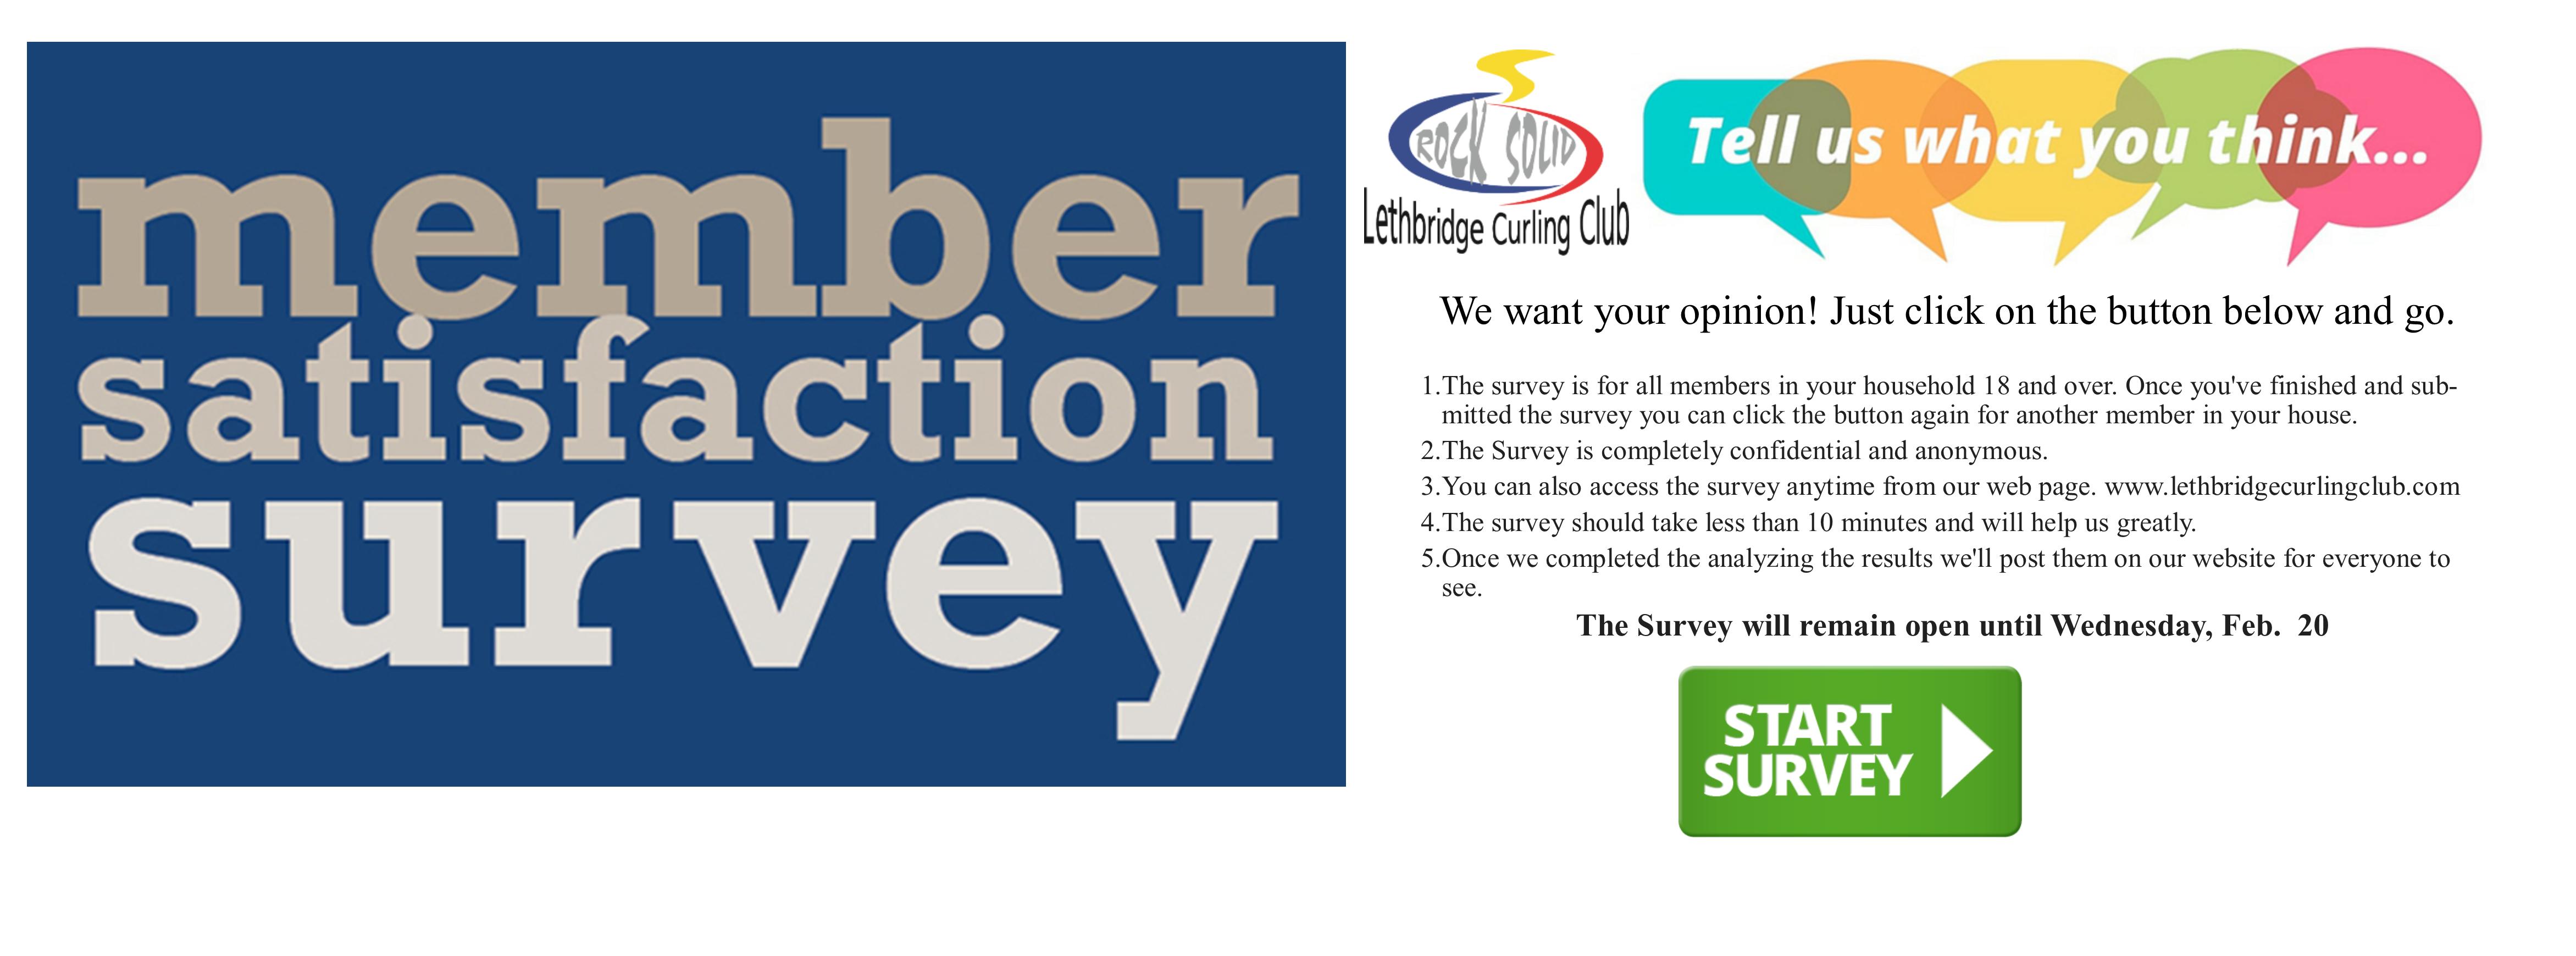 <div id=slideshow_title>Member Satisfaction Survey</div> <br><div style='text-align: left; font-size: 18px;'>Survey dates: Feb. 11 to Feb. 20 </div>